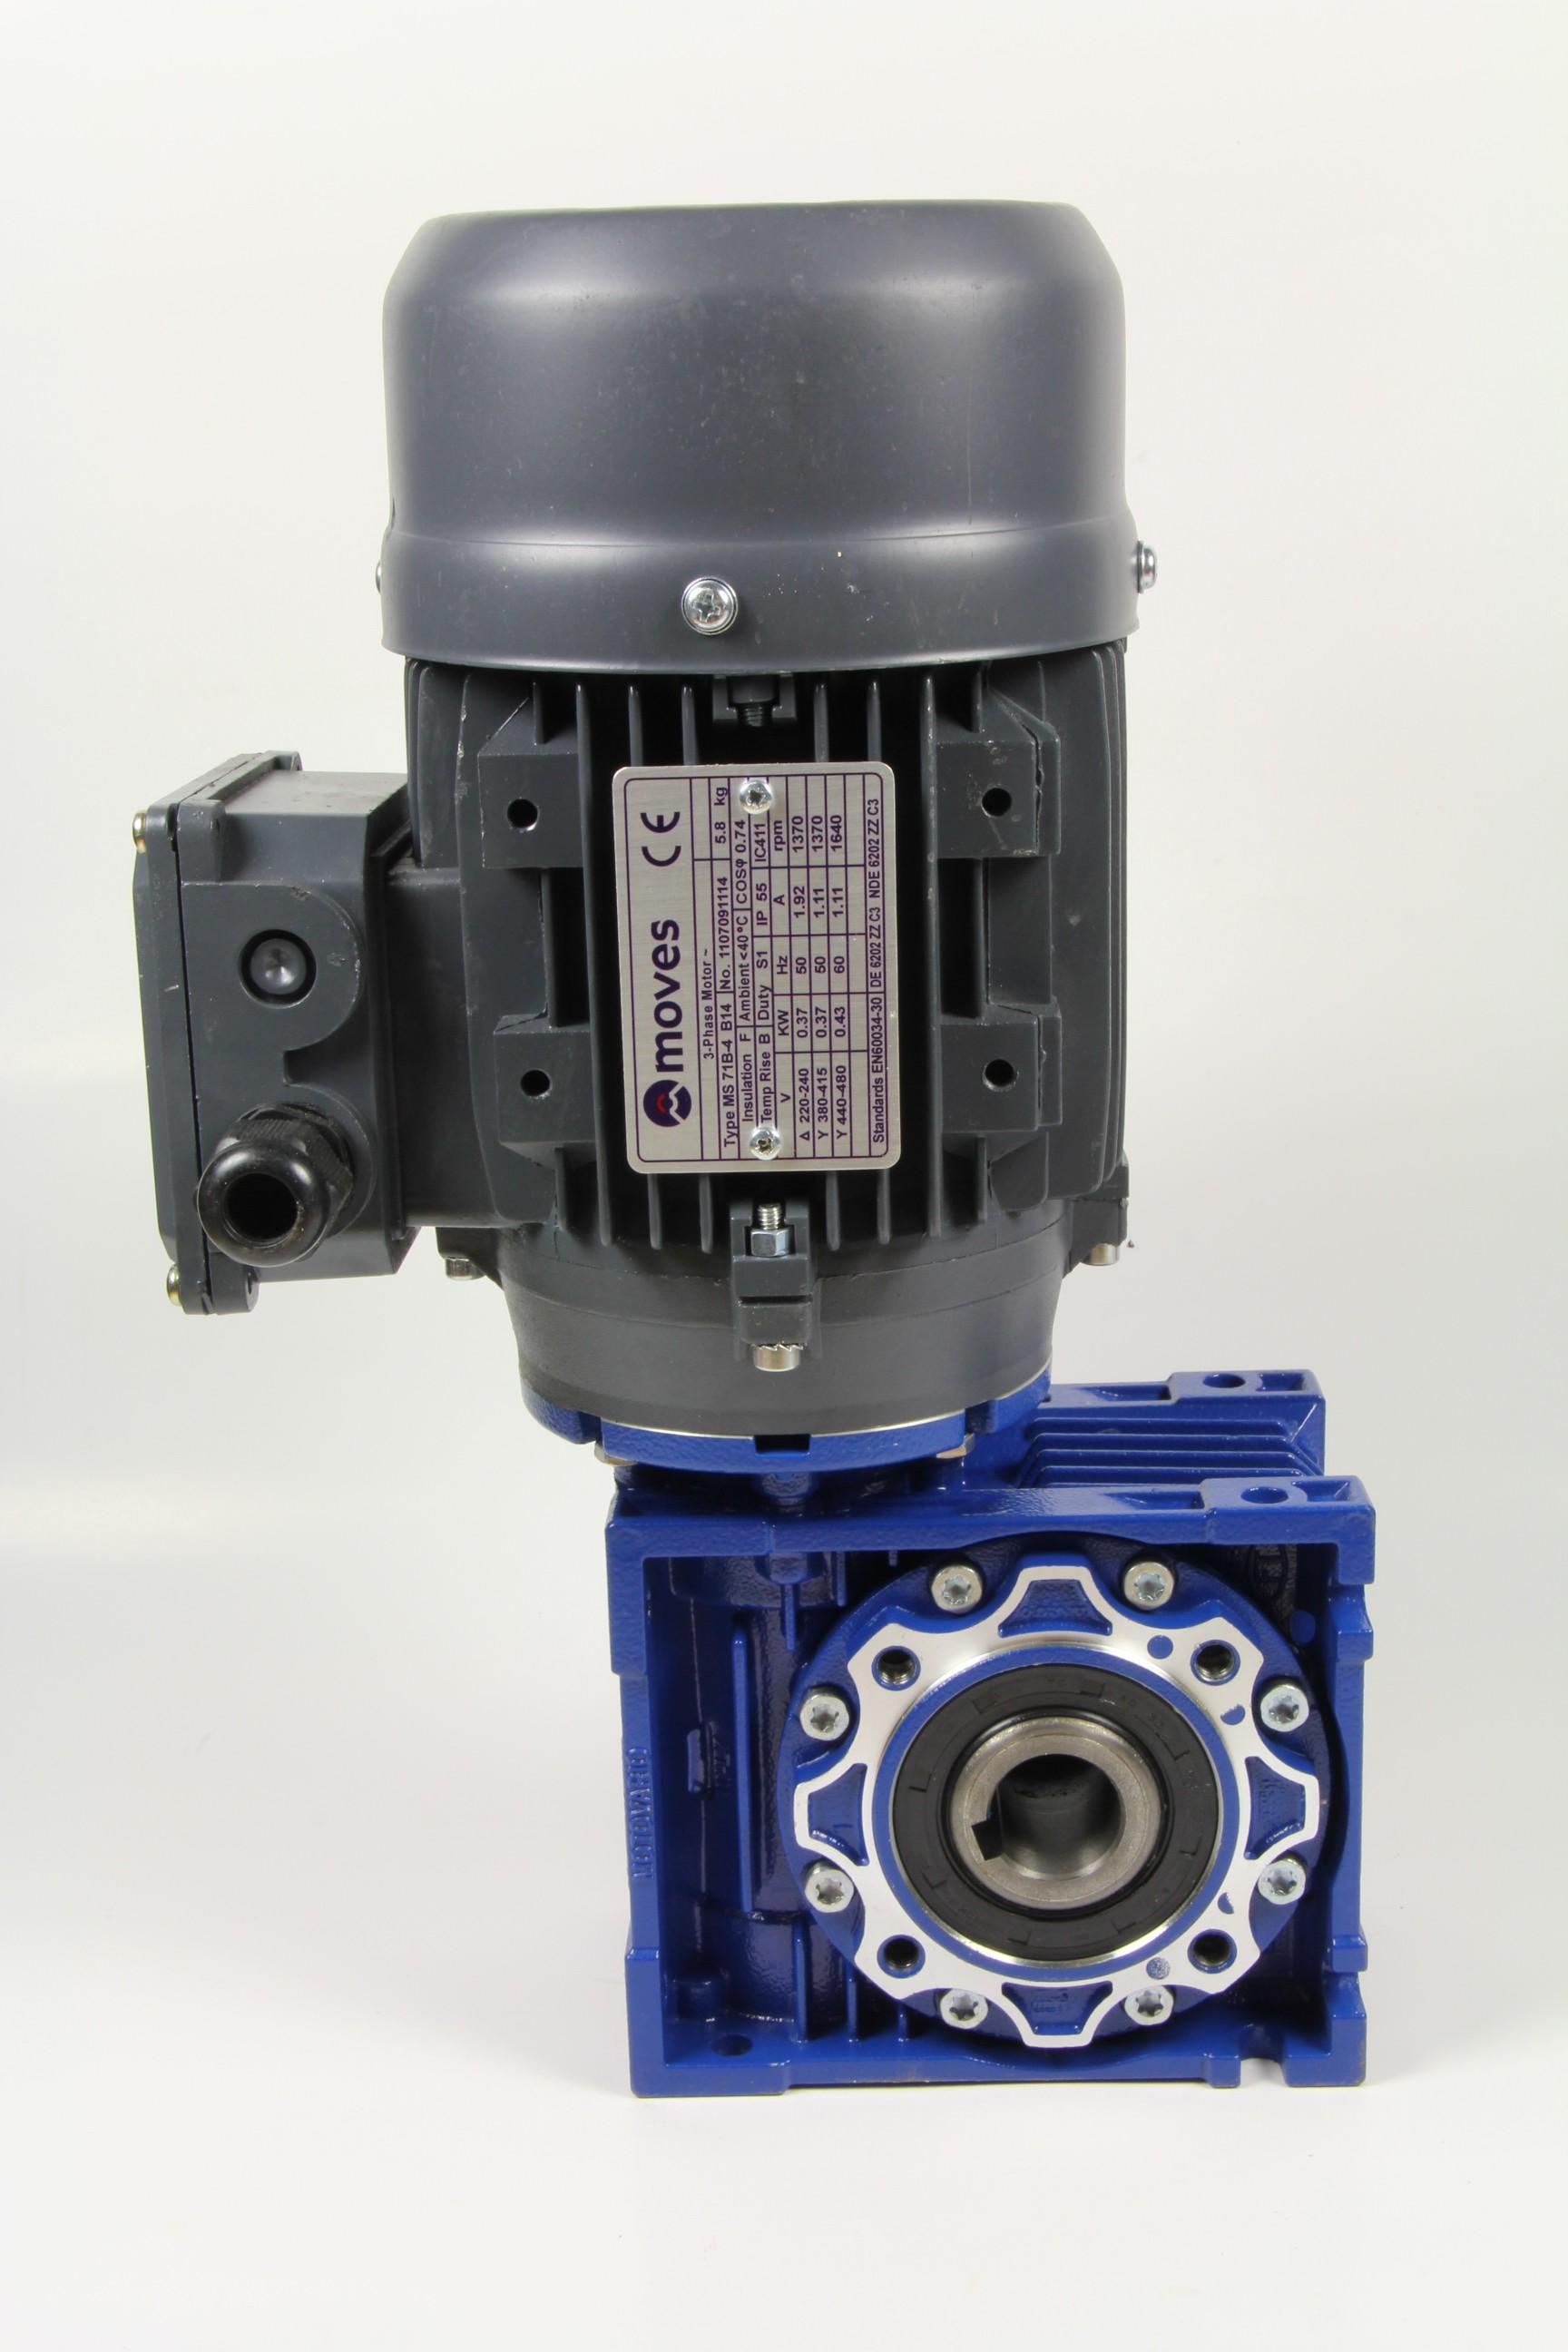 Moottori + kierukkavaihde, 0,12kW, 9rpm, PS10